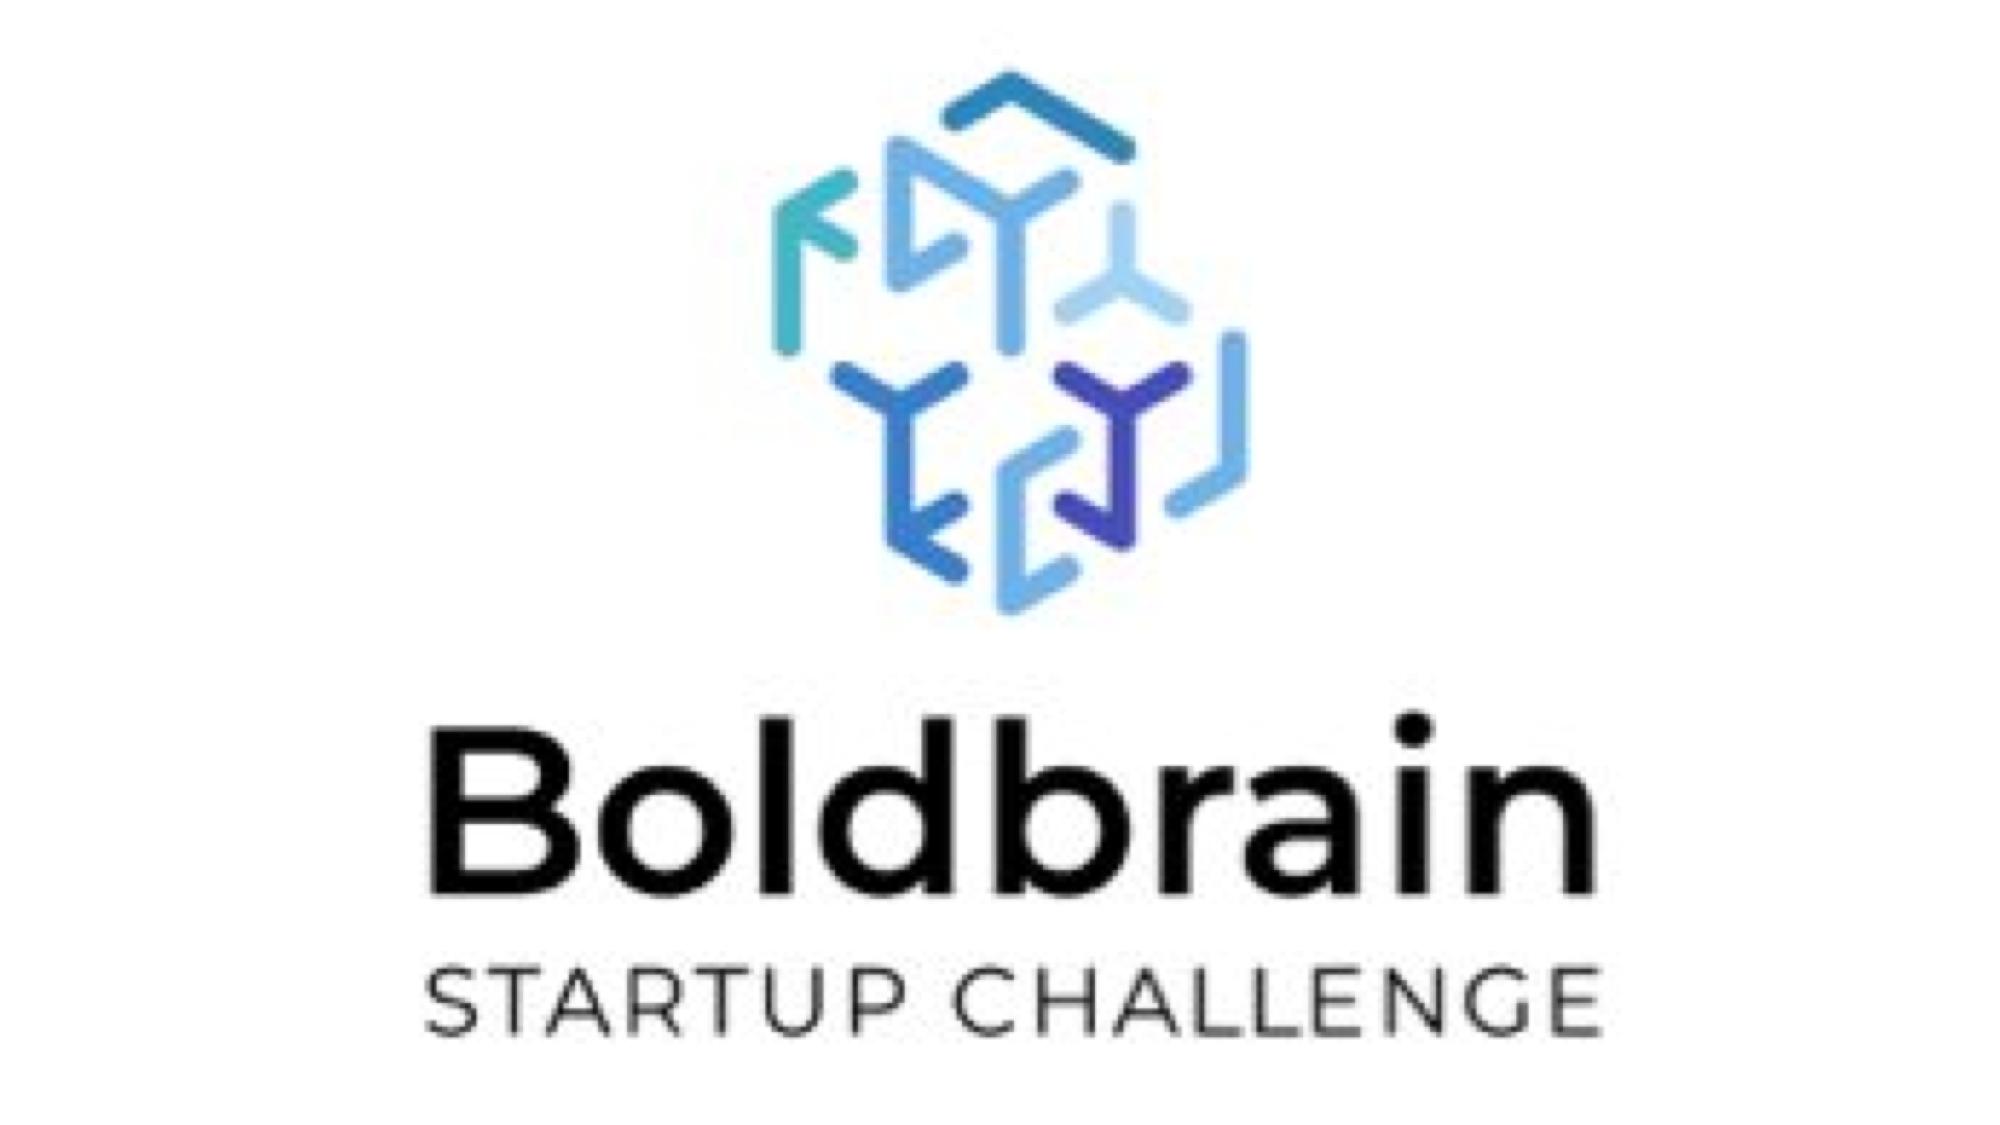 BoldBrain